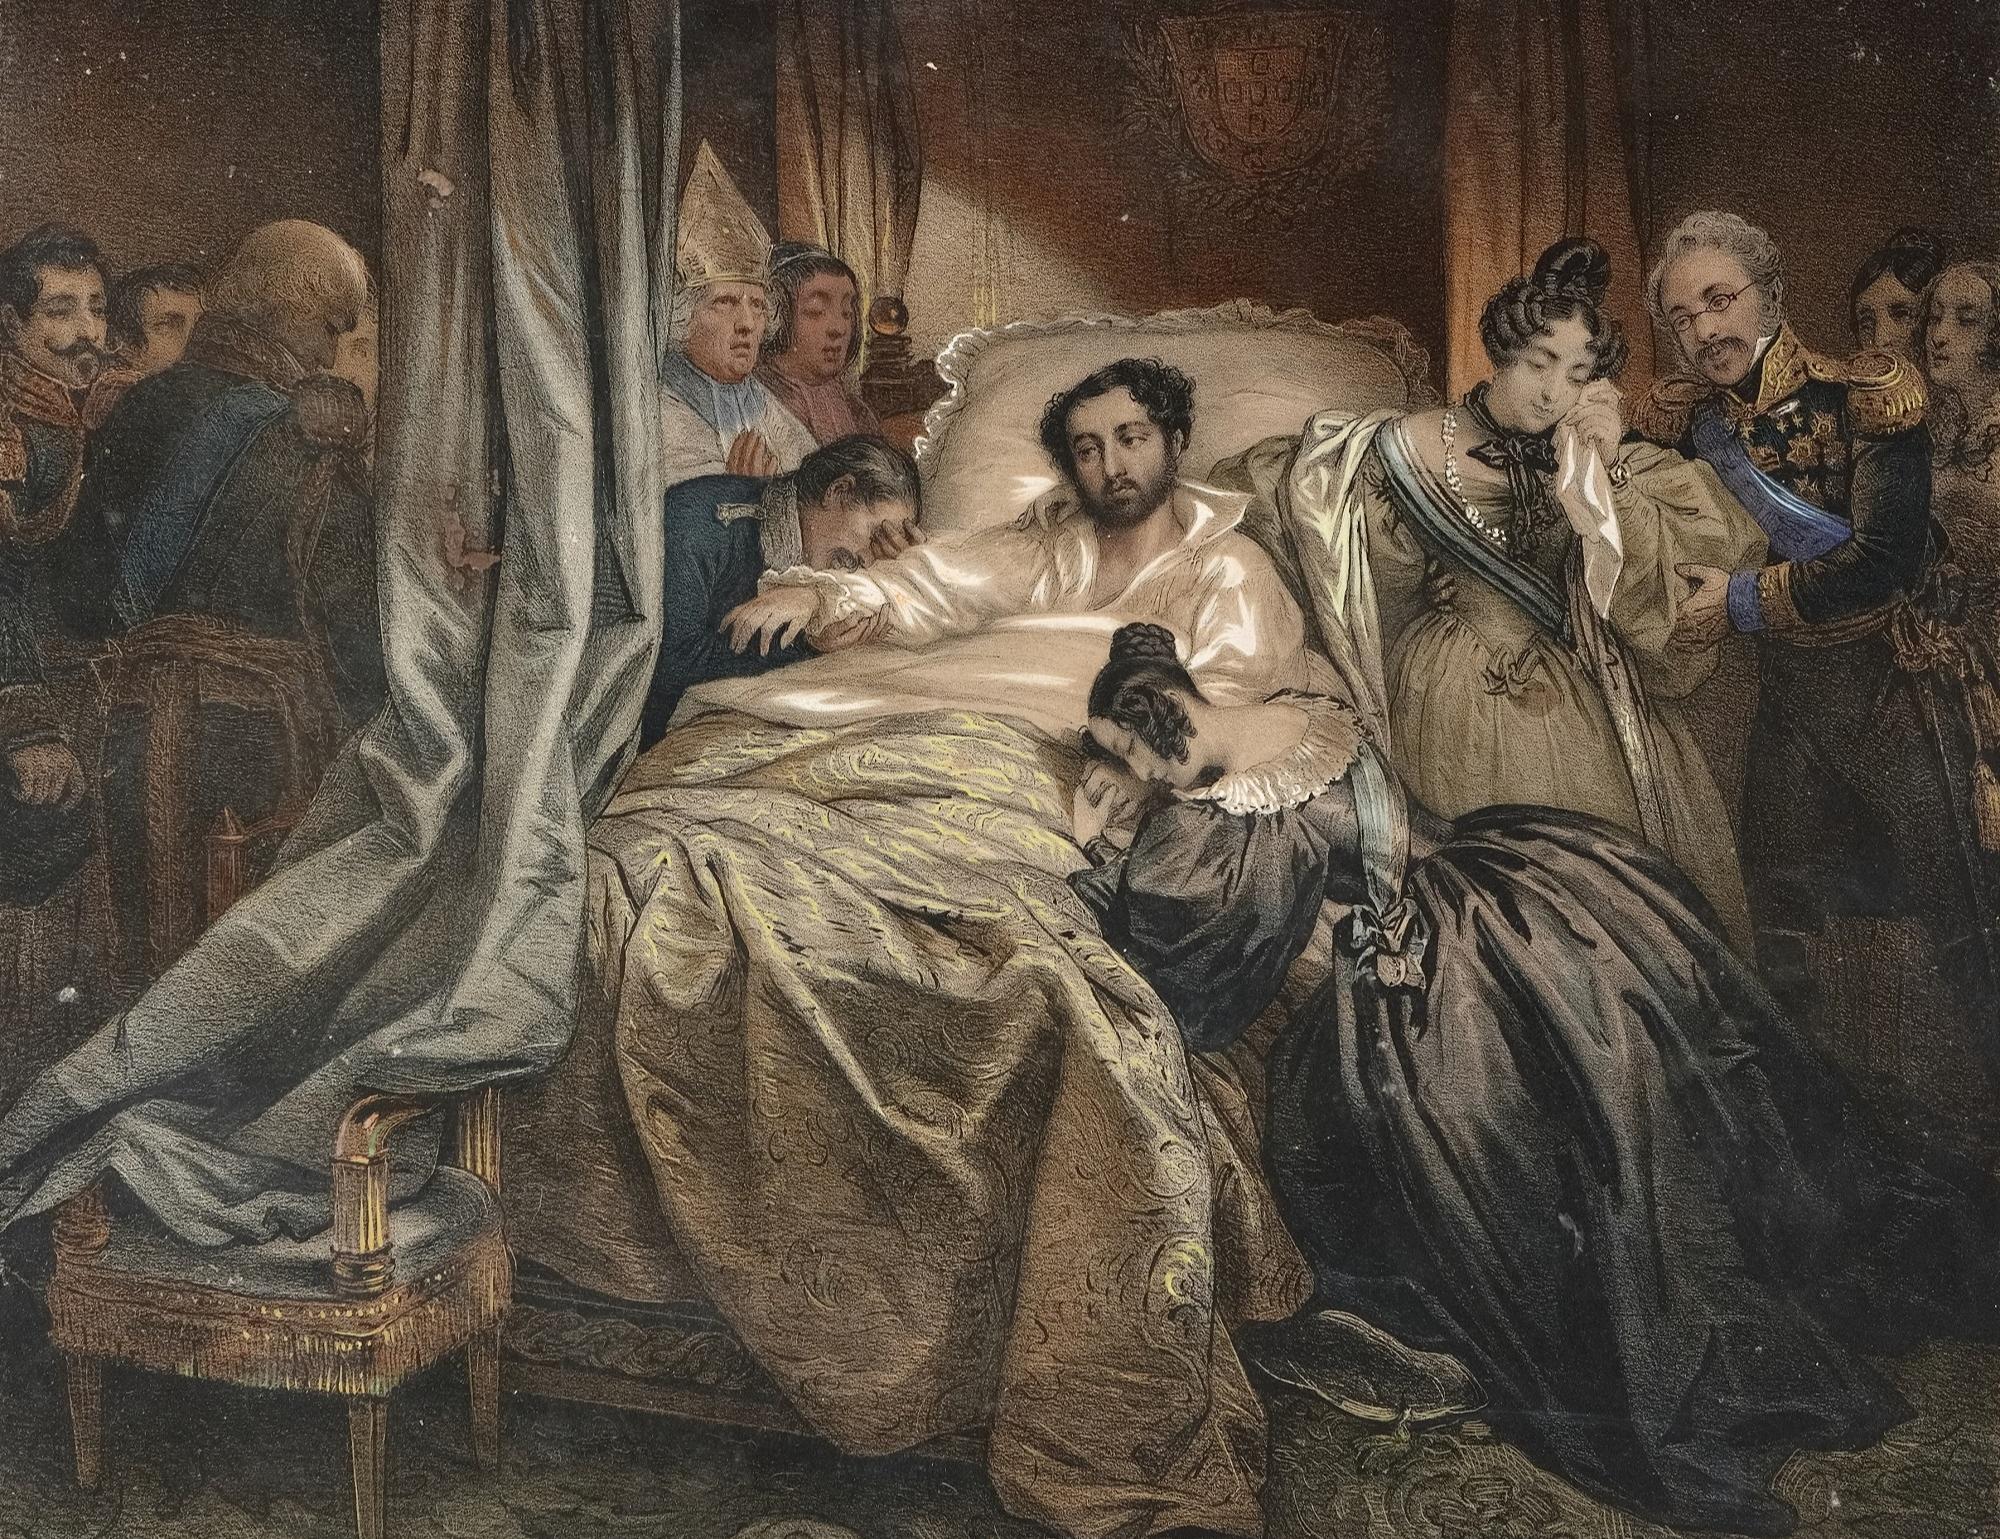 D. Pedro, Duque de Bragança, morre no Quarto D. Quixote